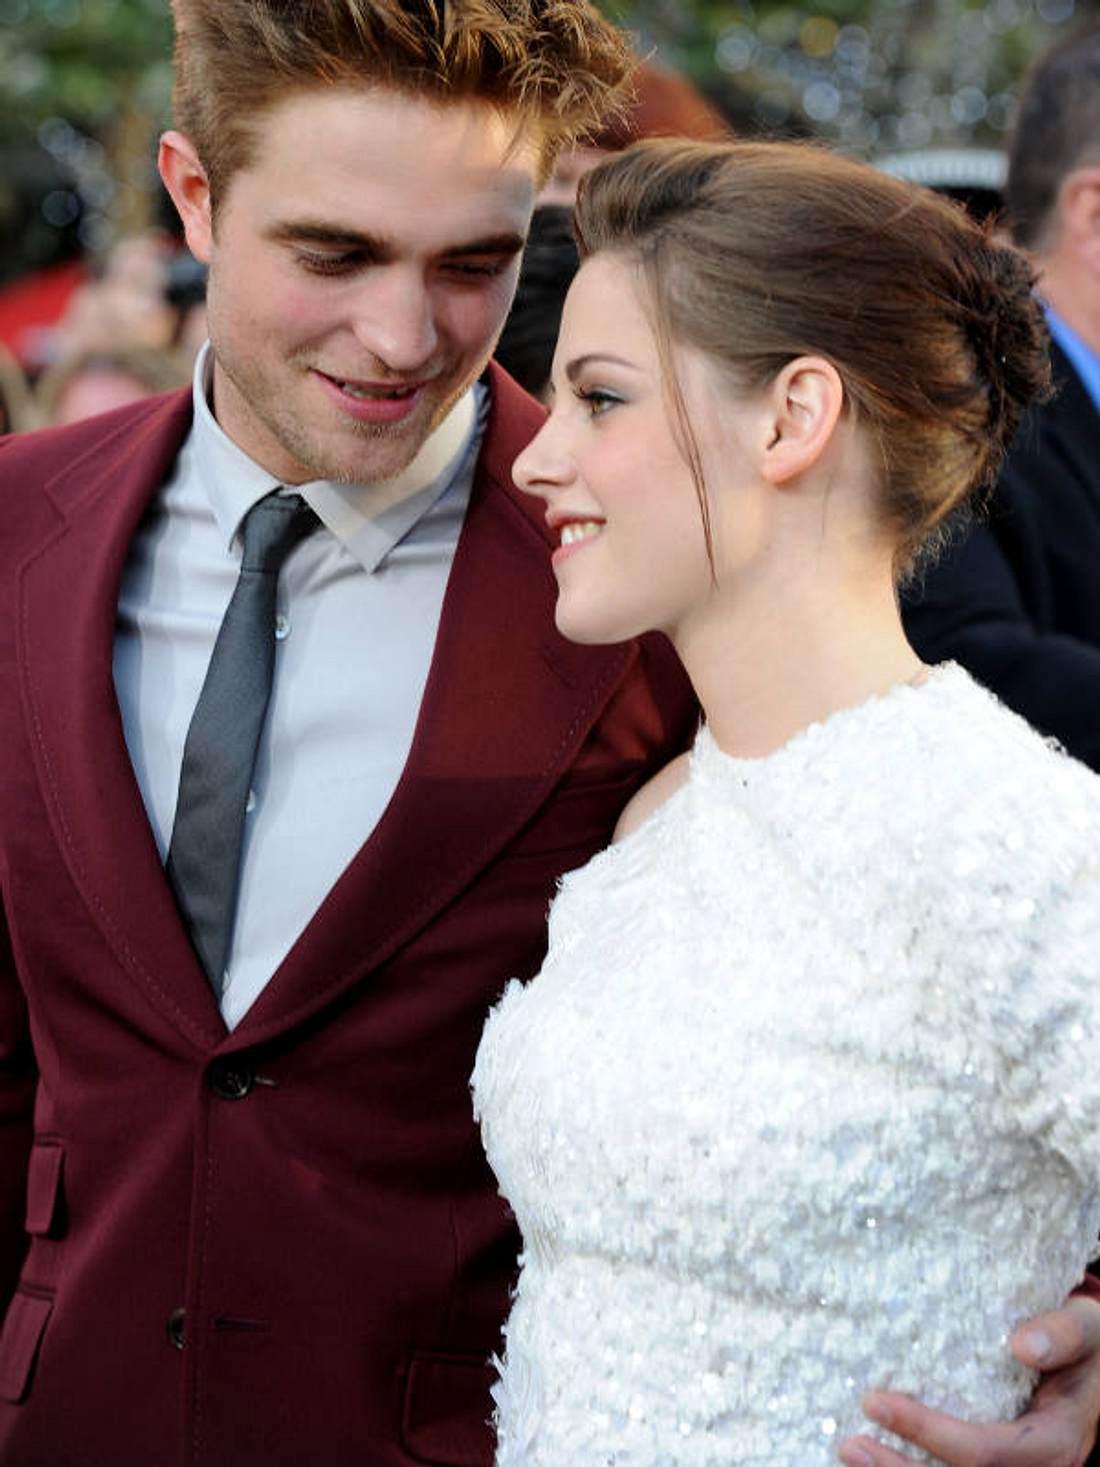 """Berühmte Paare: Diese Stars haben sich am Filmset verliebt,Das Traum-Pärchen einer ganzen Generation: Robert Pattinson und Kristen Stewart. Das scheue Paar lernte sich am Set der """"Twilight""""-Filme kennen. Noch sind sie verliebt wie"""